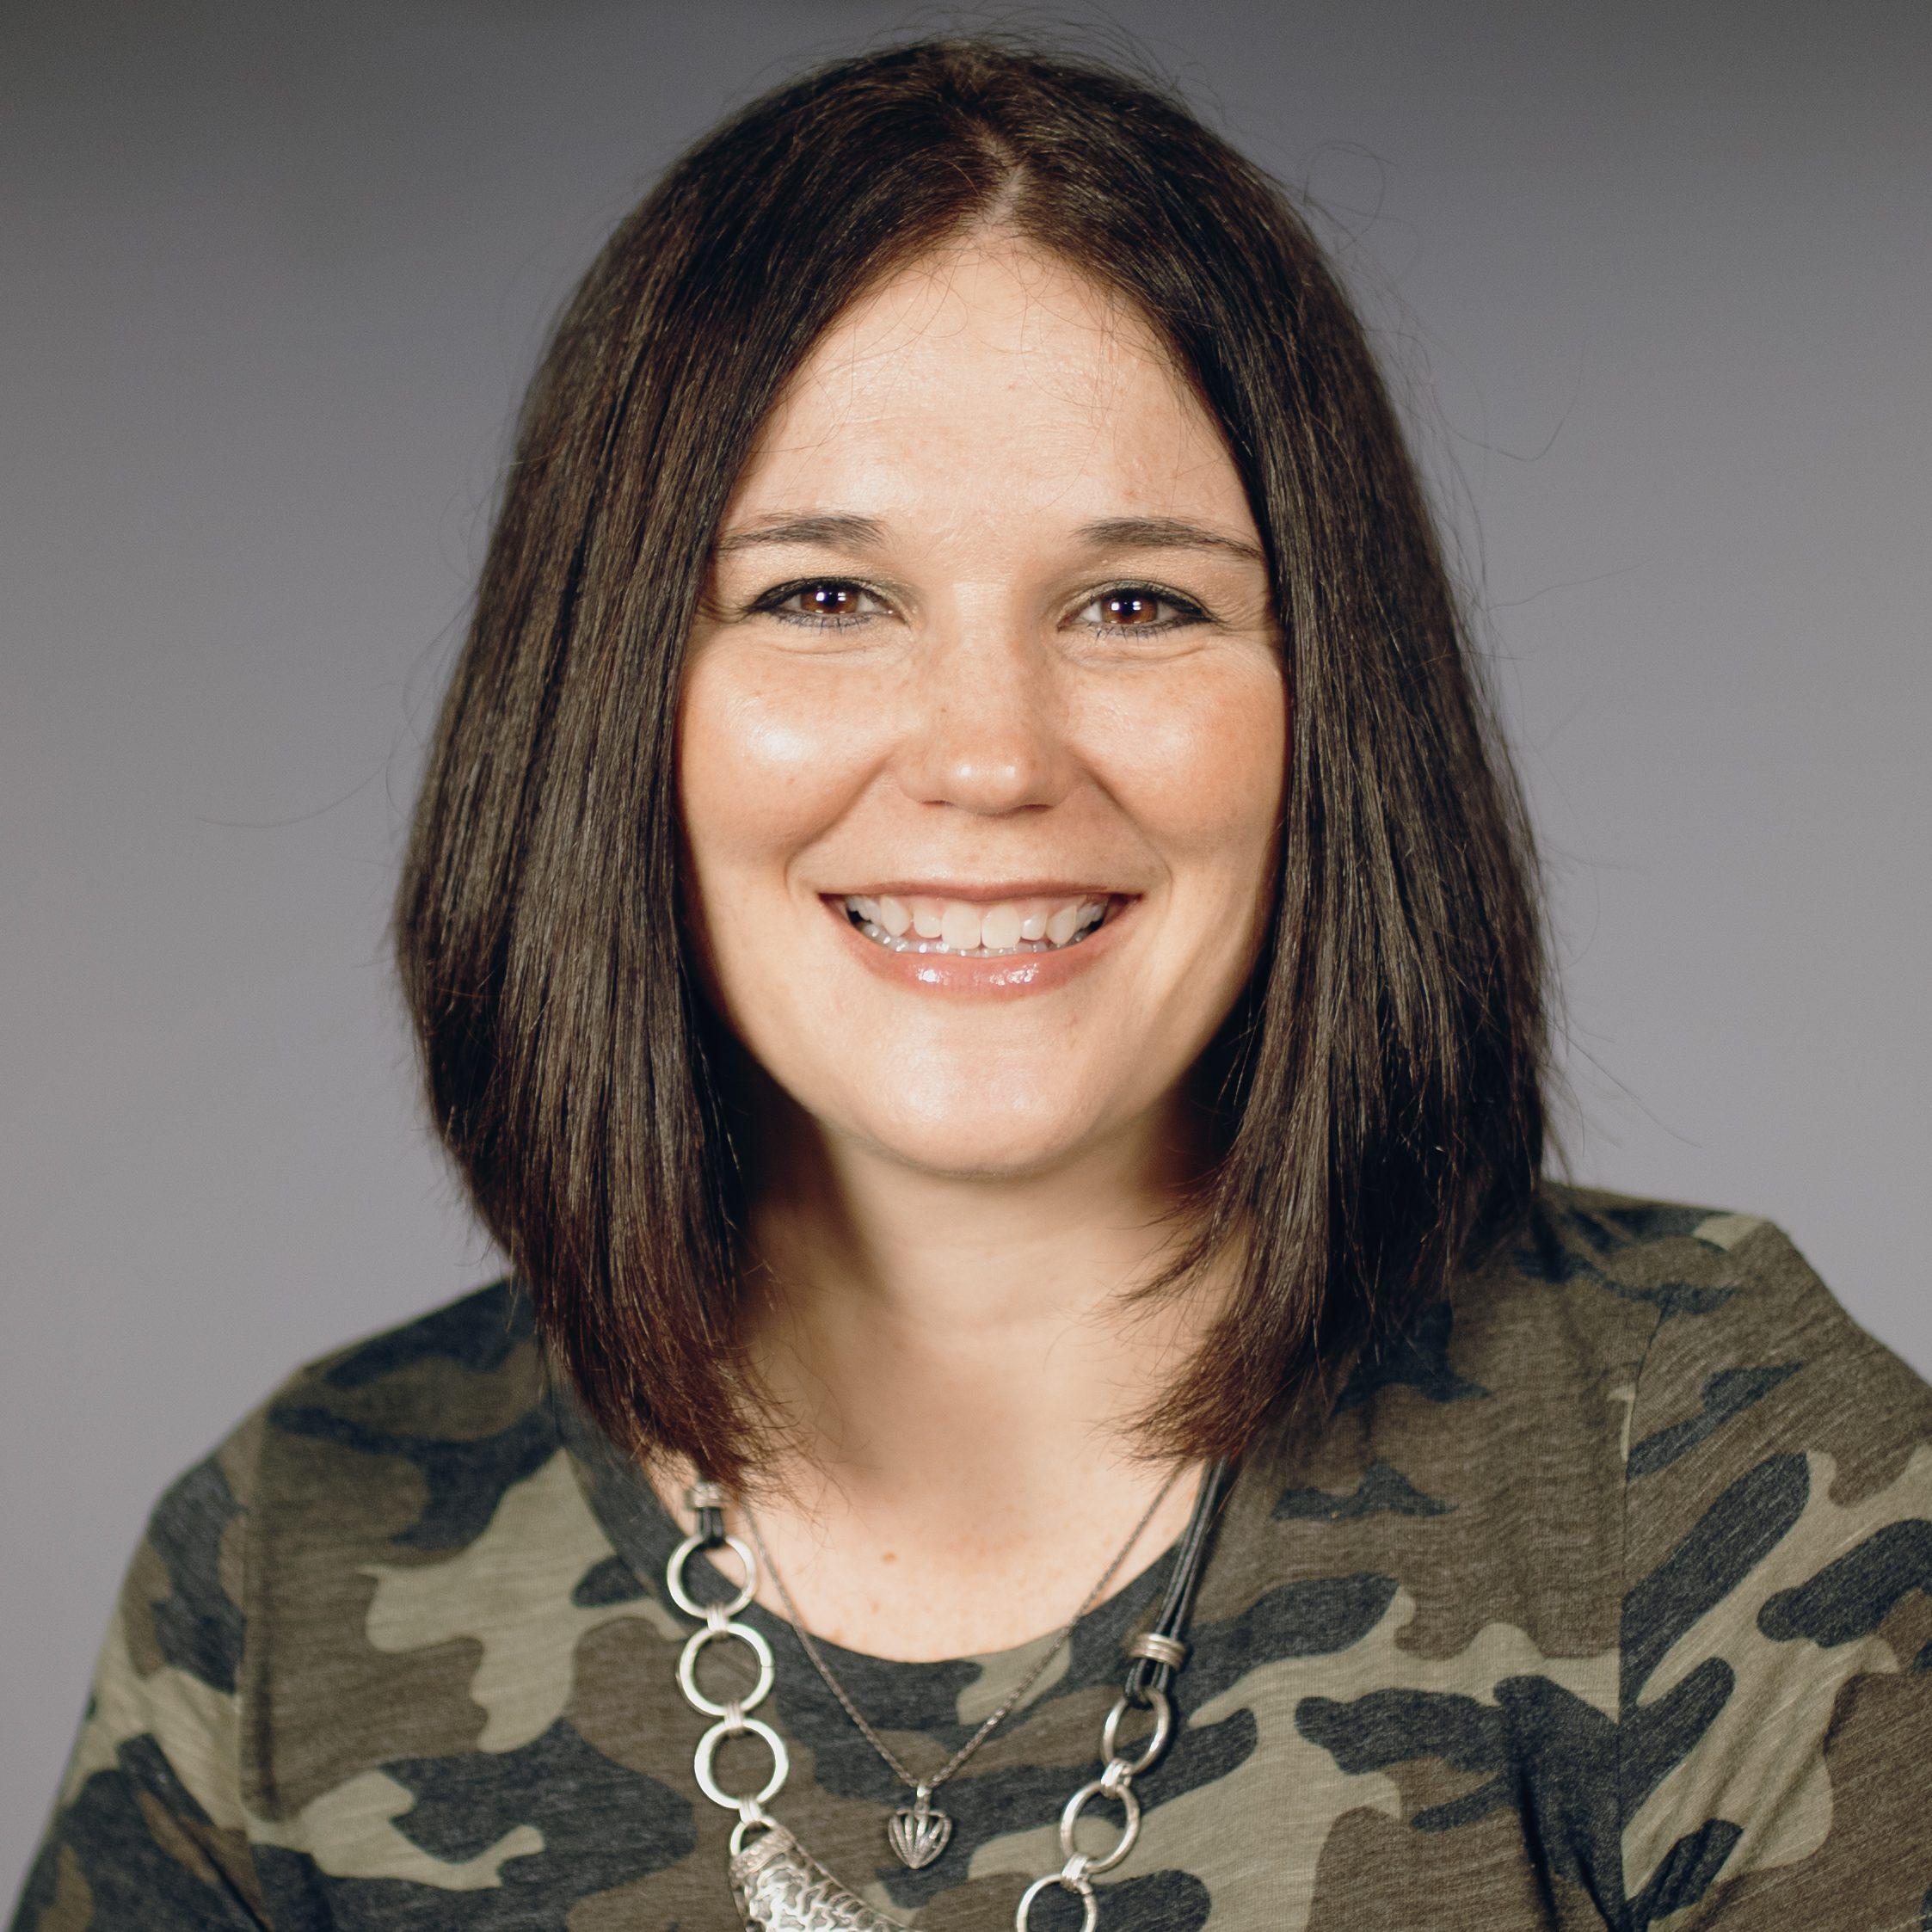 Leah Leach